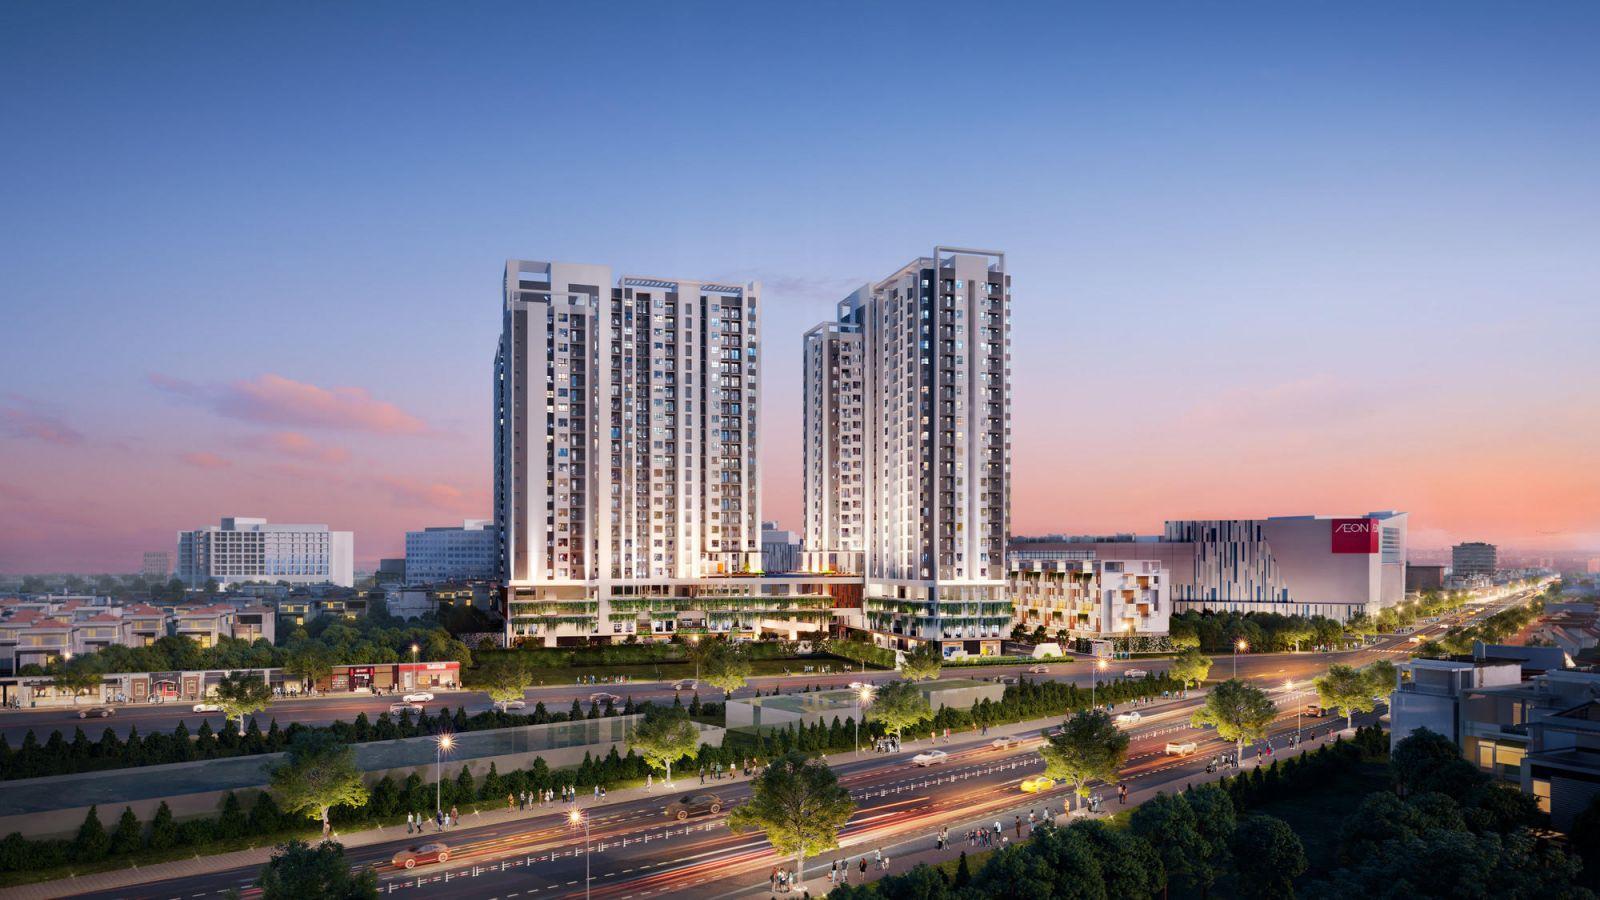 Phối cảnh dự án Moonlight Centre Point – Căn hộ trung tâm khu Tên Lửa vừa được giới thiệu ra thị trường. (Ảnh: Hưng Thịnh Land)